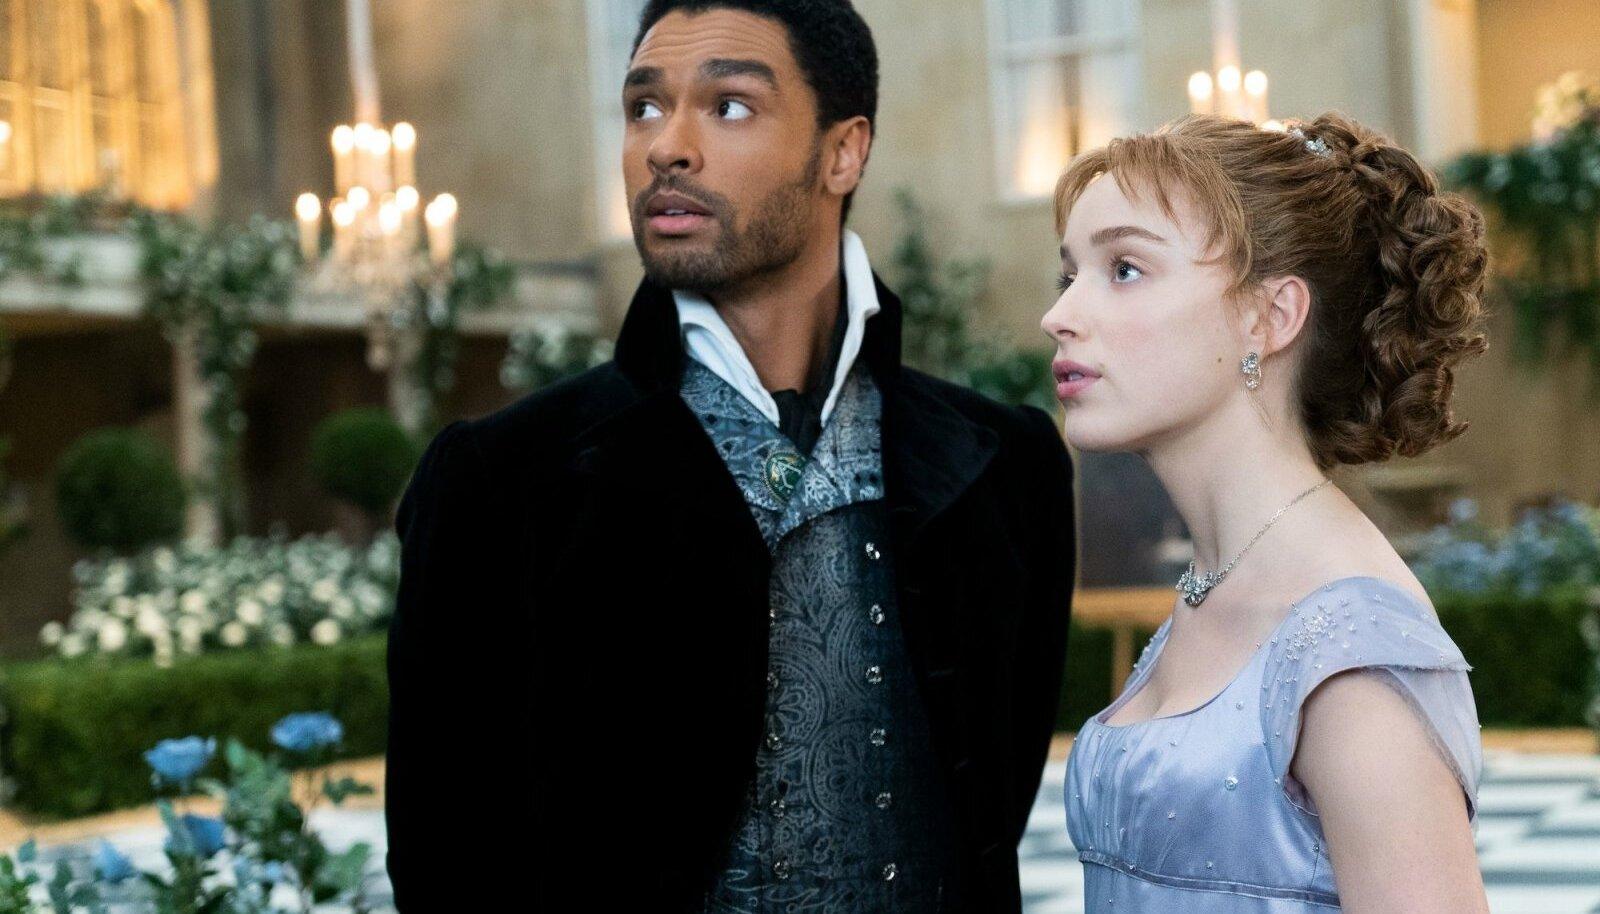 Sarja esimene hooaeg keskendub Simoni ja Daphne suhetele, kuid seriaali aluseks olnud Julia Quinni romaanisarjas on igaühele Bridgertonide kaheksast järeltulijast pühendatud üks teos.